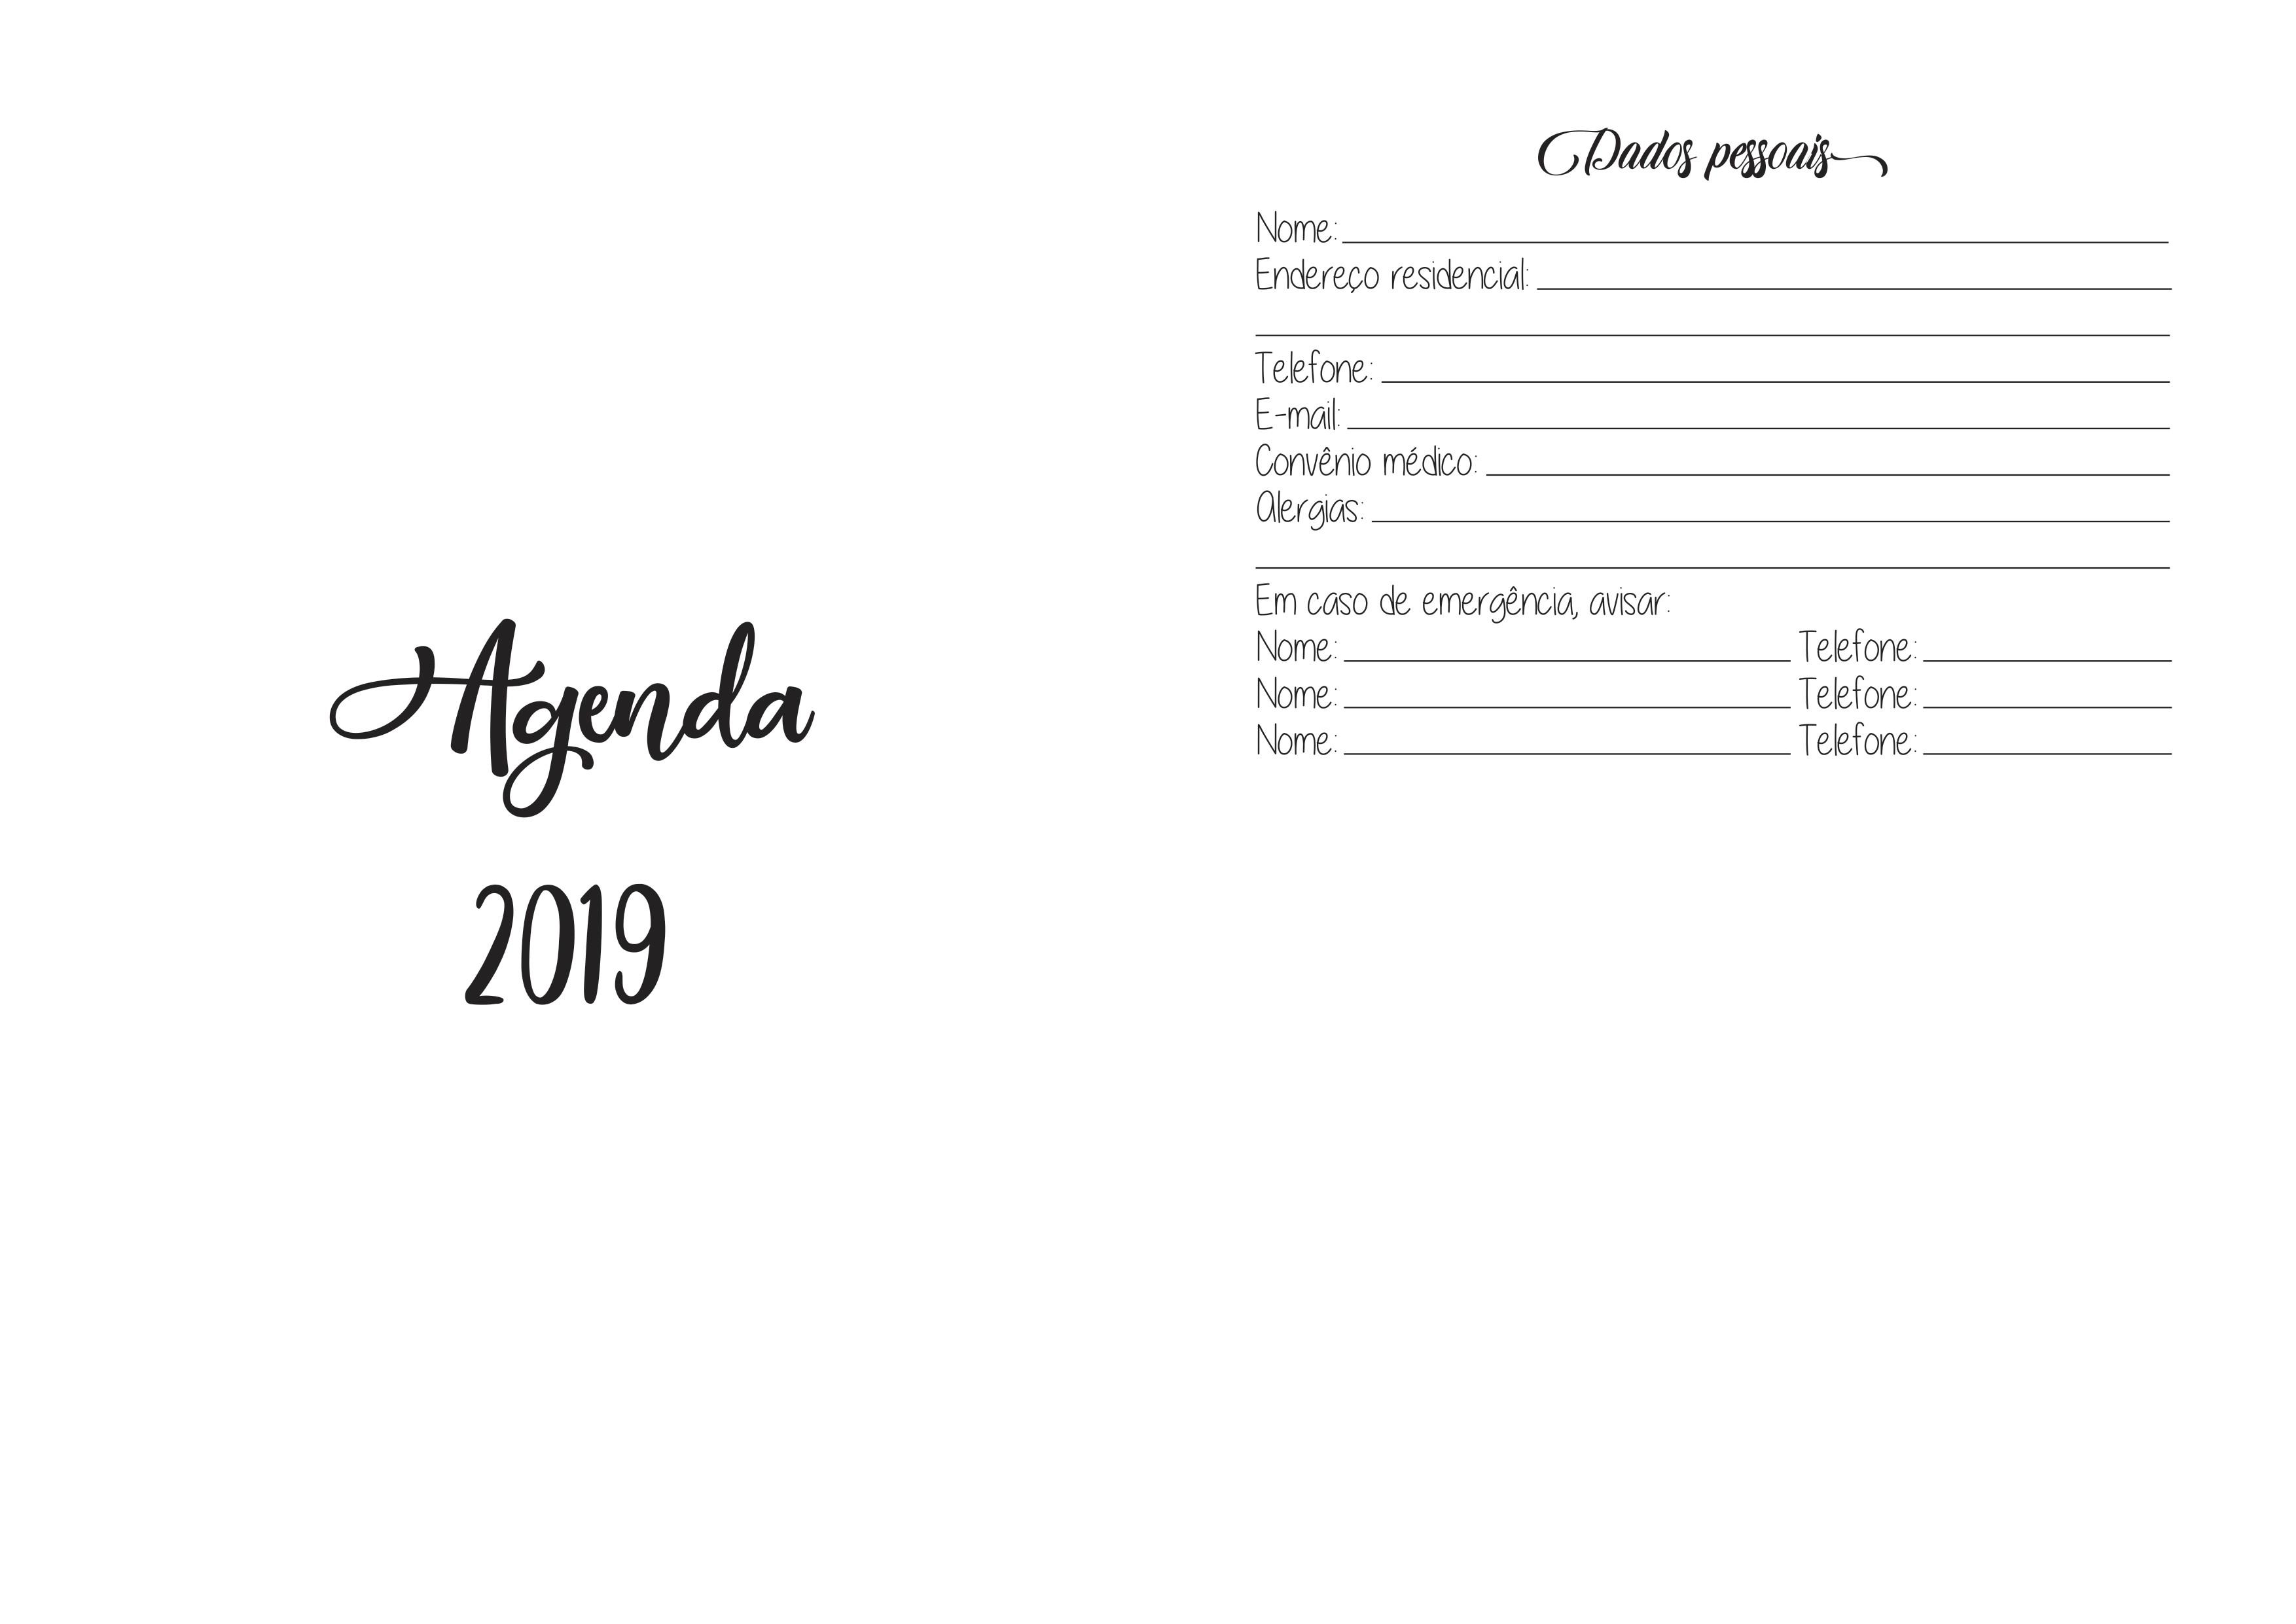 Agenda 2019 Modelo Padrão Diário